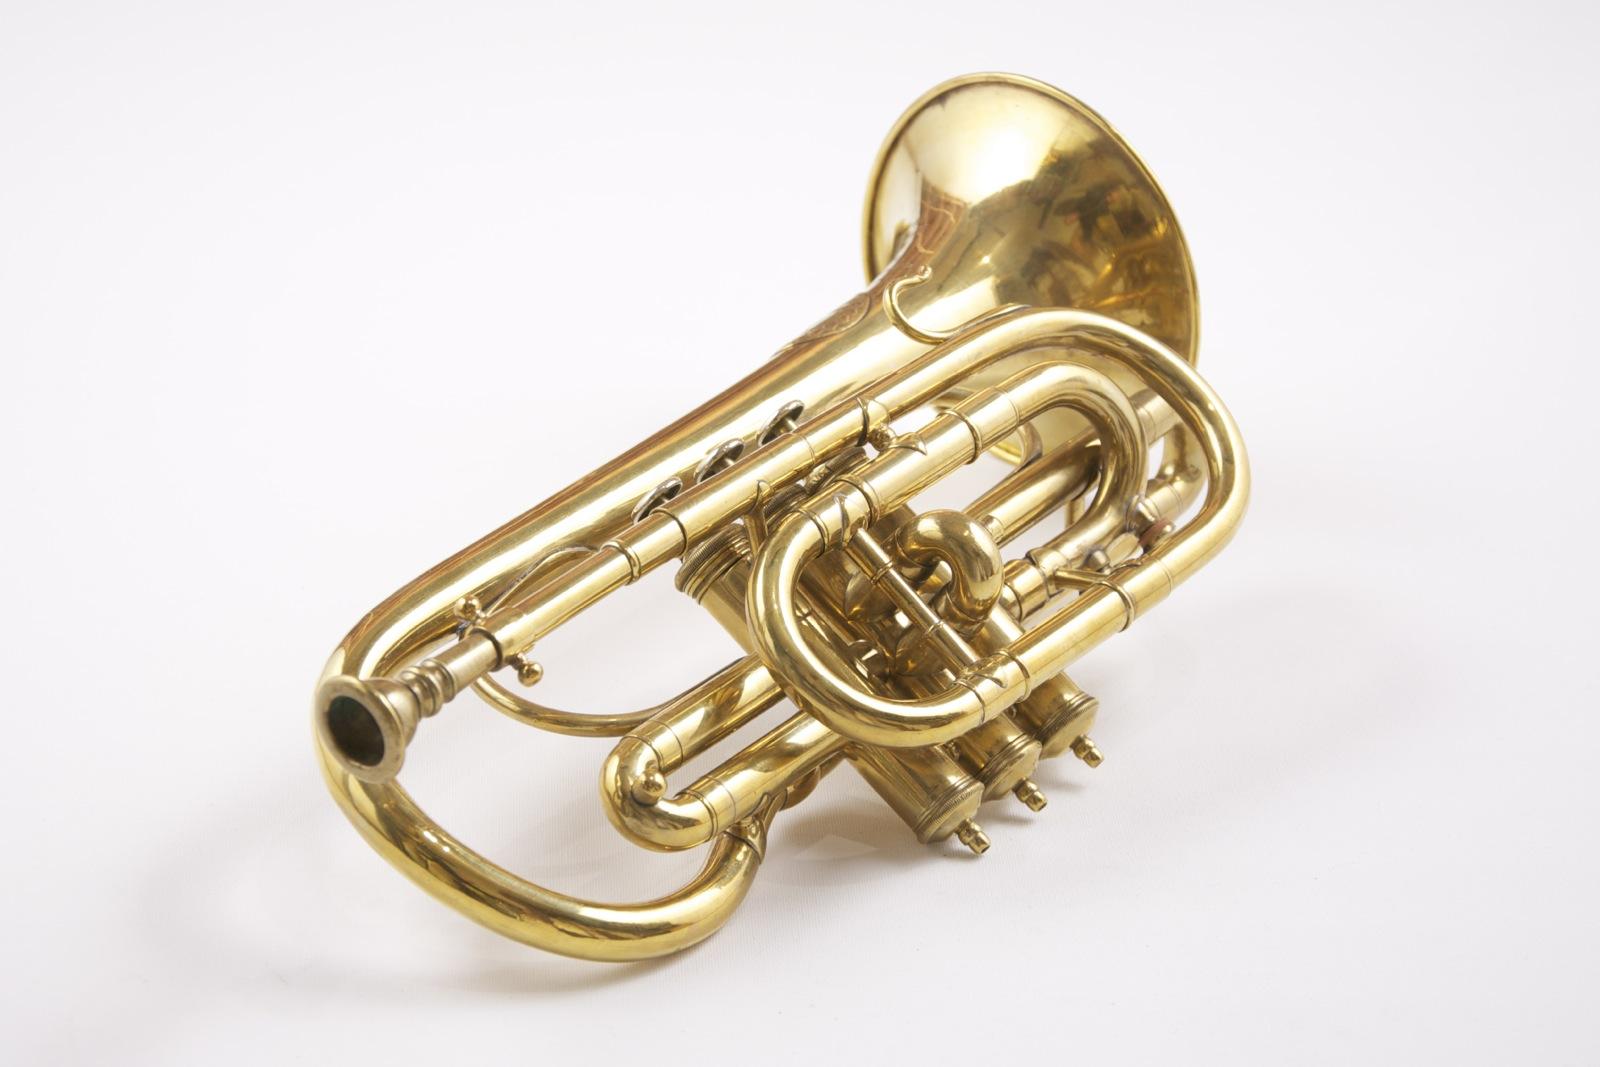 902-cornet-C.-Mahillon-07